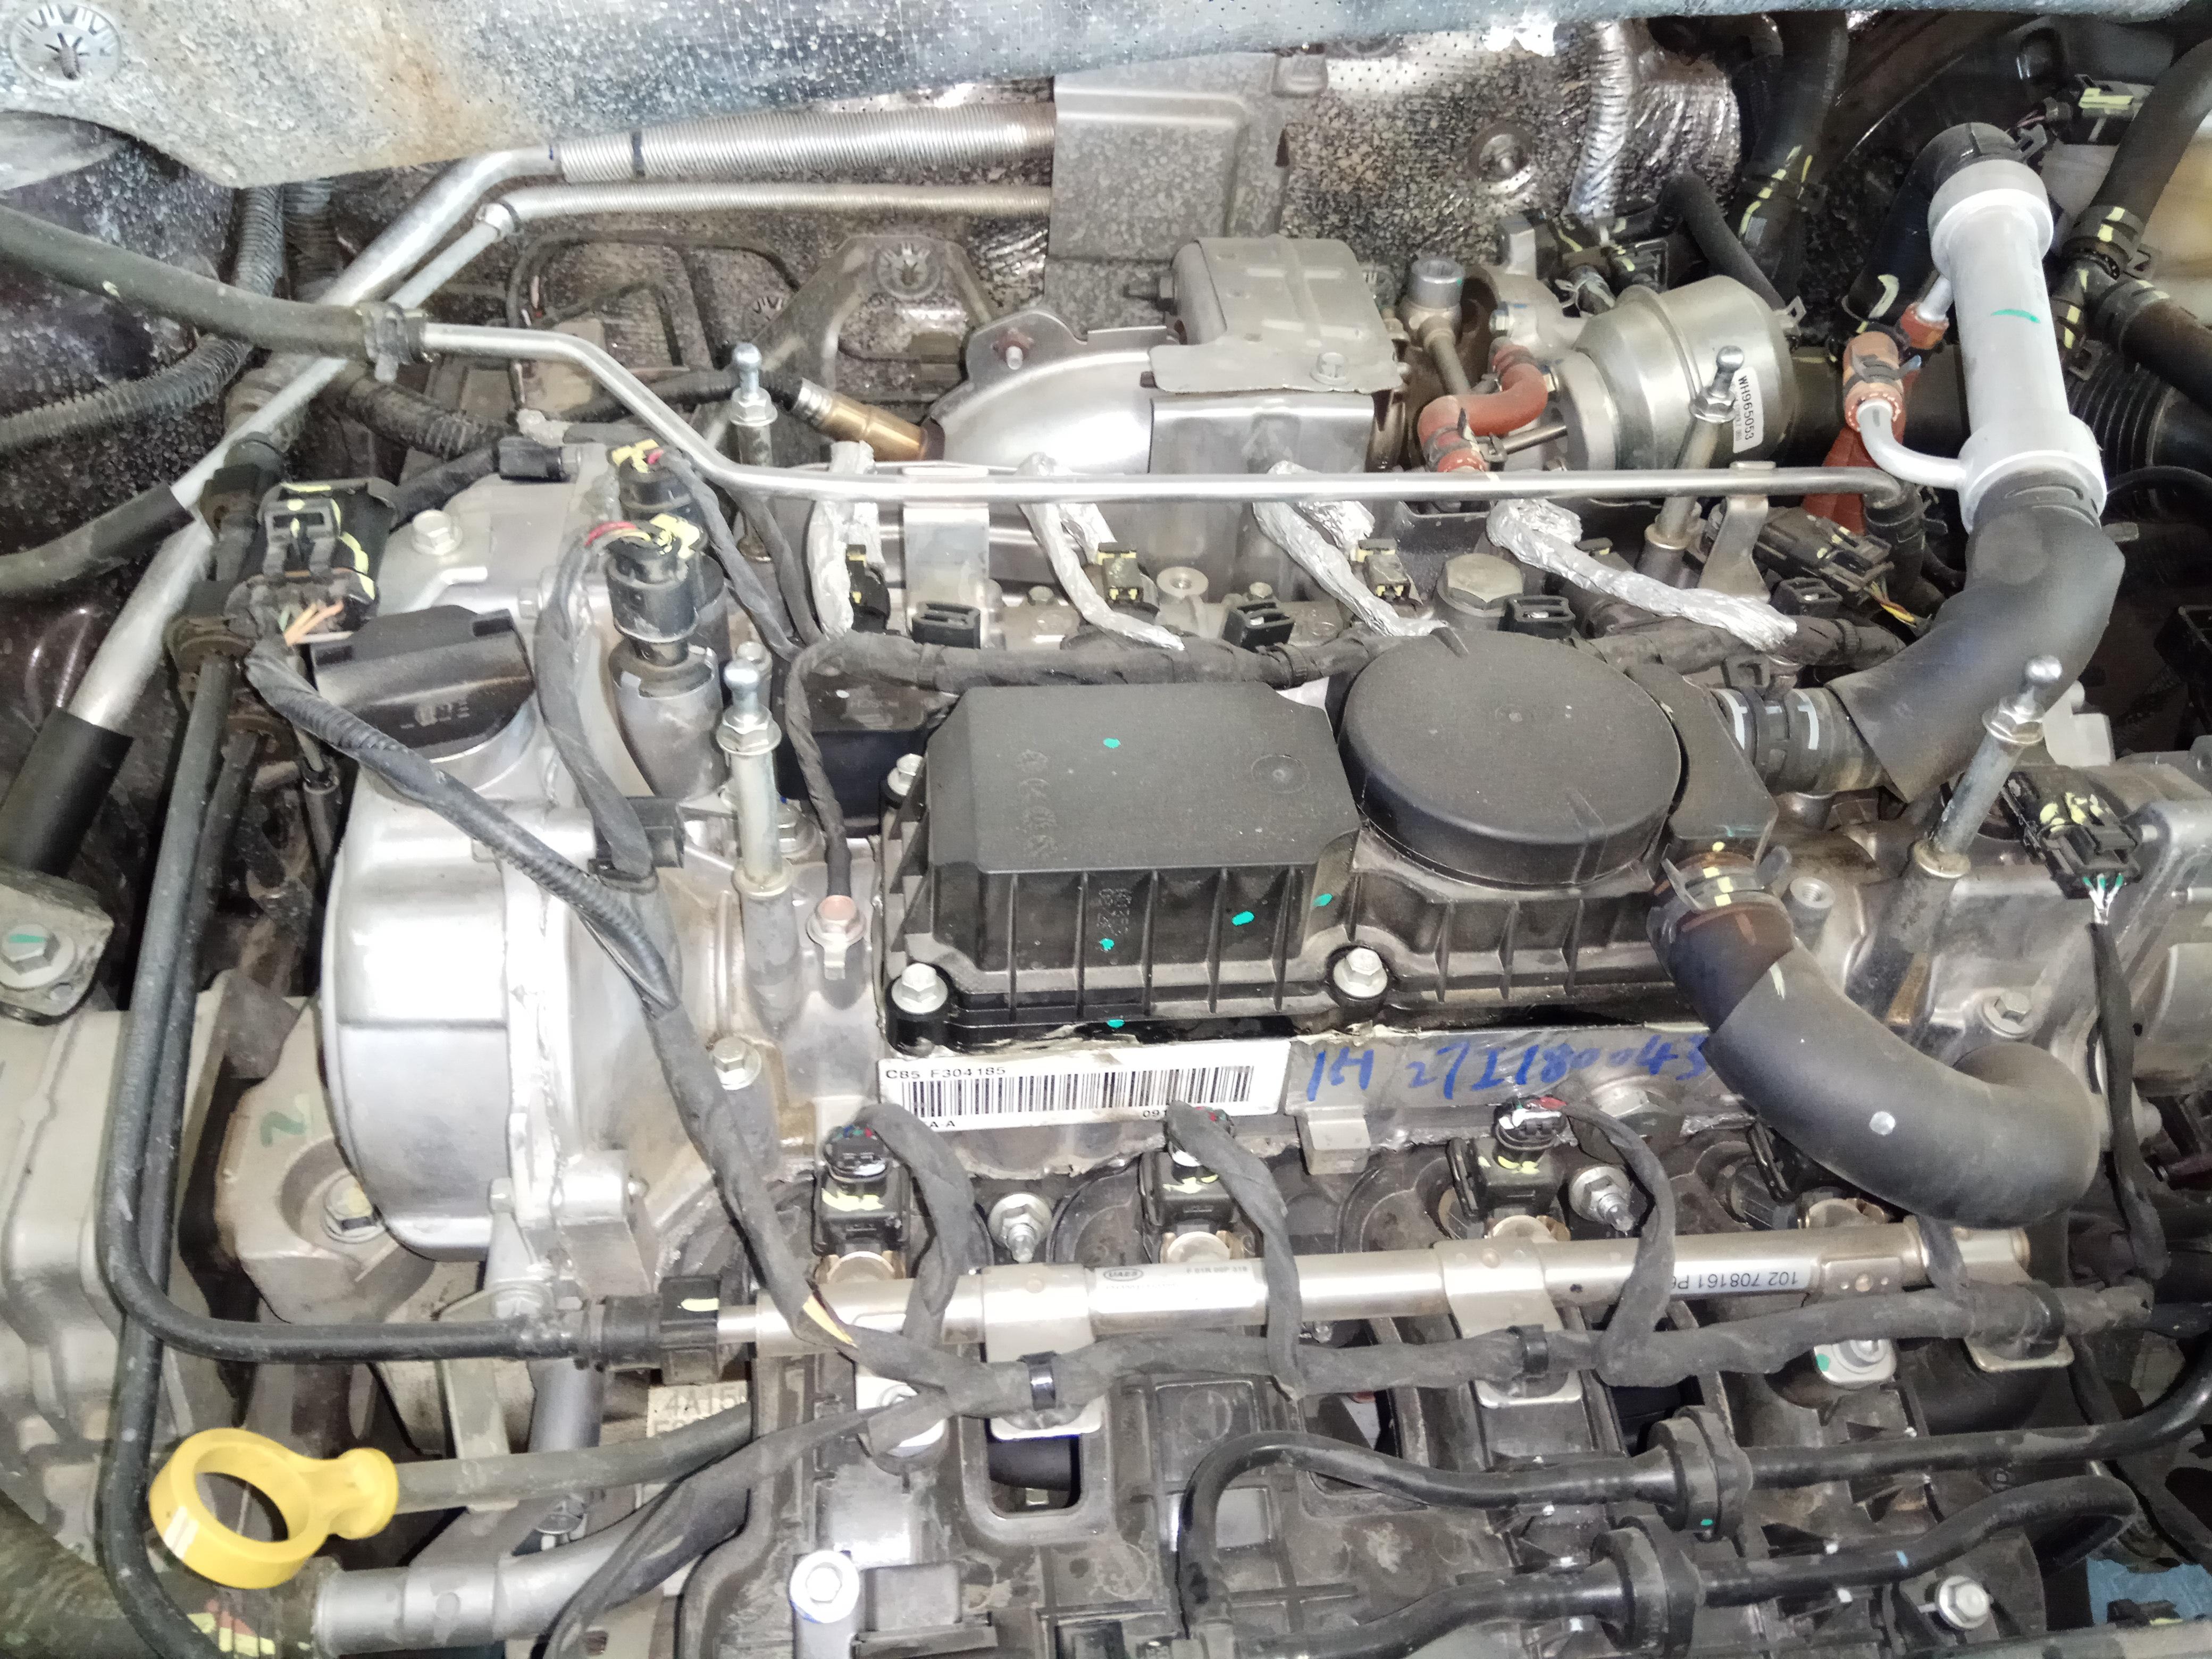 广汽传祺-传祺GS4 新车起动后,发动机出现异响